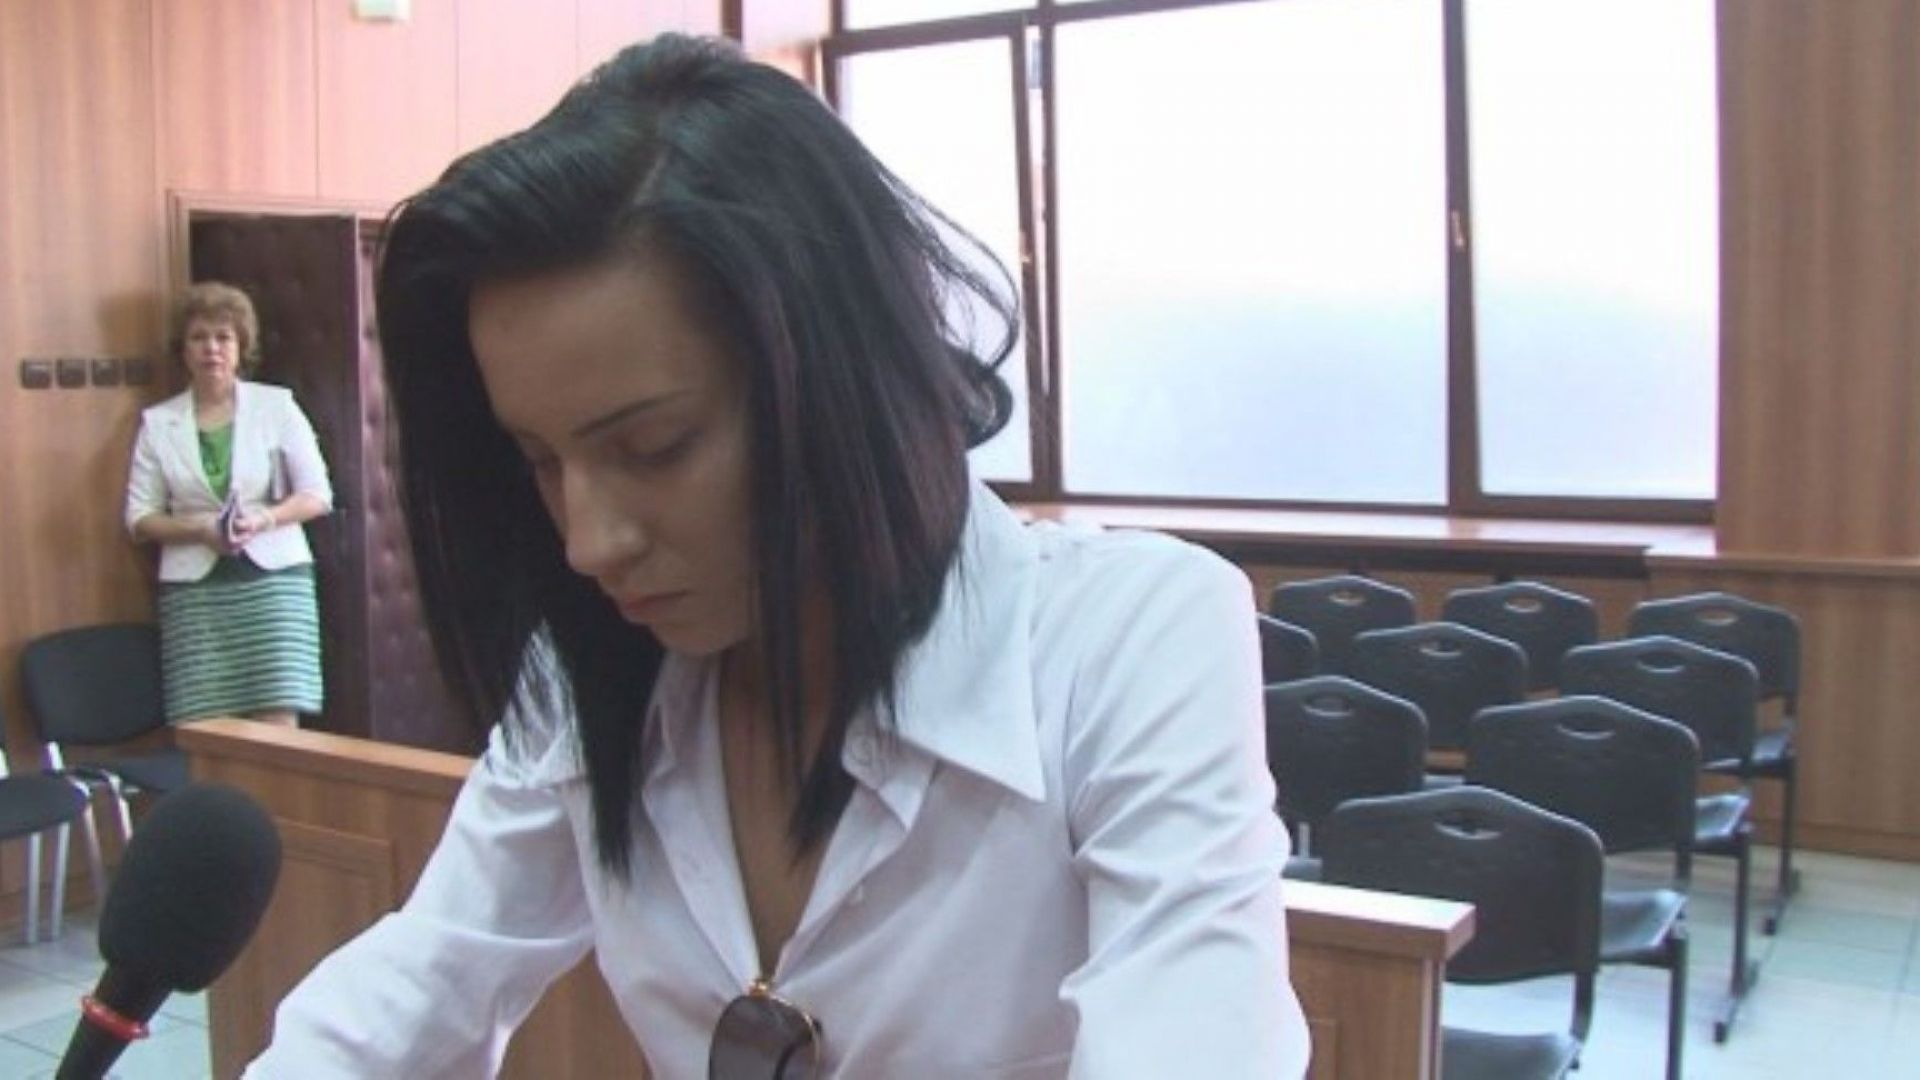 Фалстарт на делото срещу танцьорката Габриела, върнаха го в прокуратурата